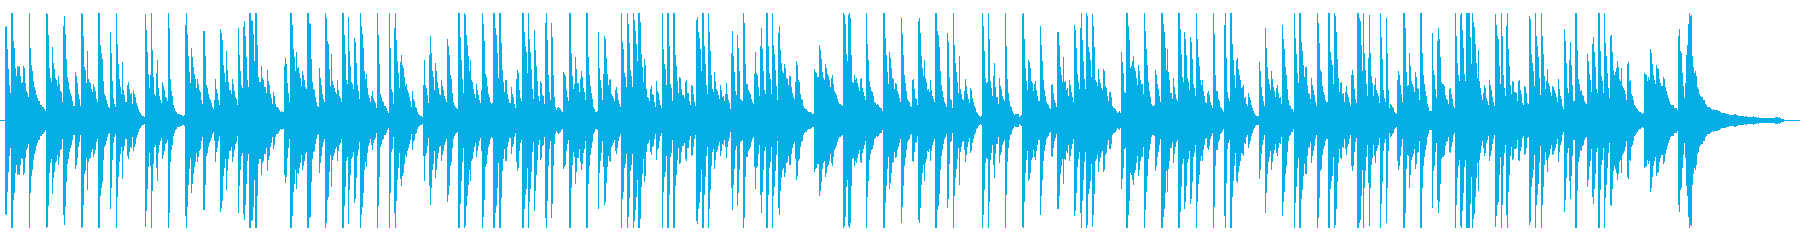 ゆったり優しい シンプルなピアノソロの再生済みの波形